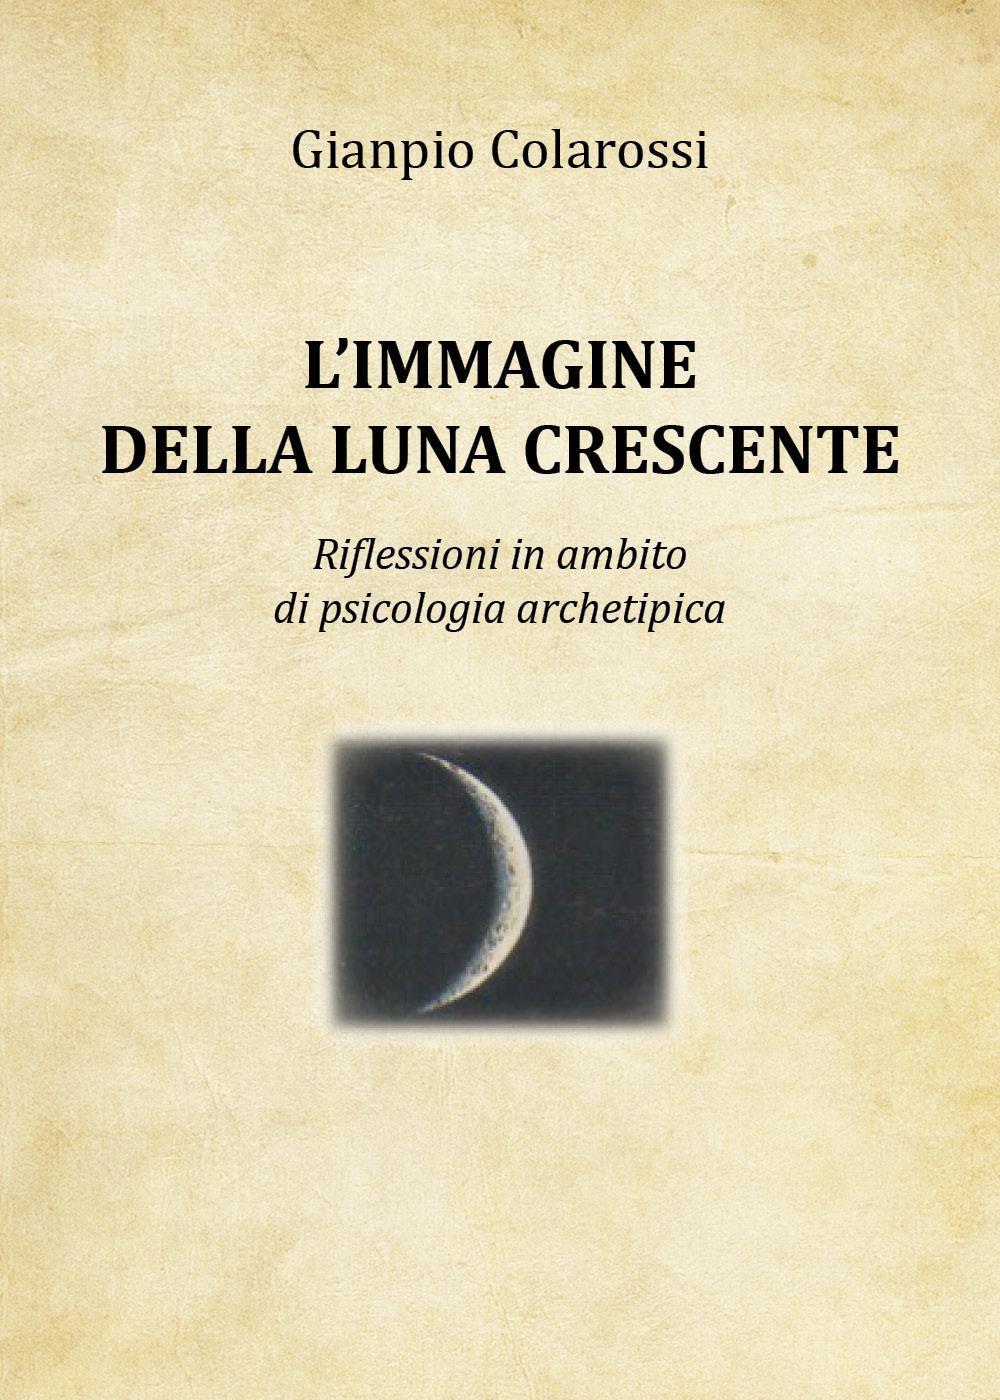 L'immagine della luna crescente